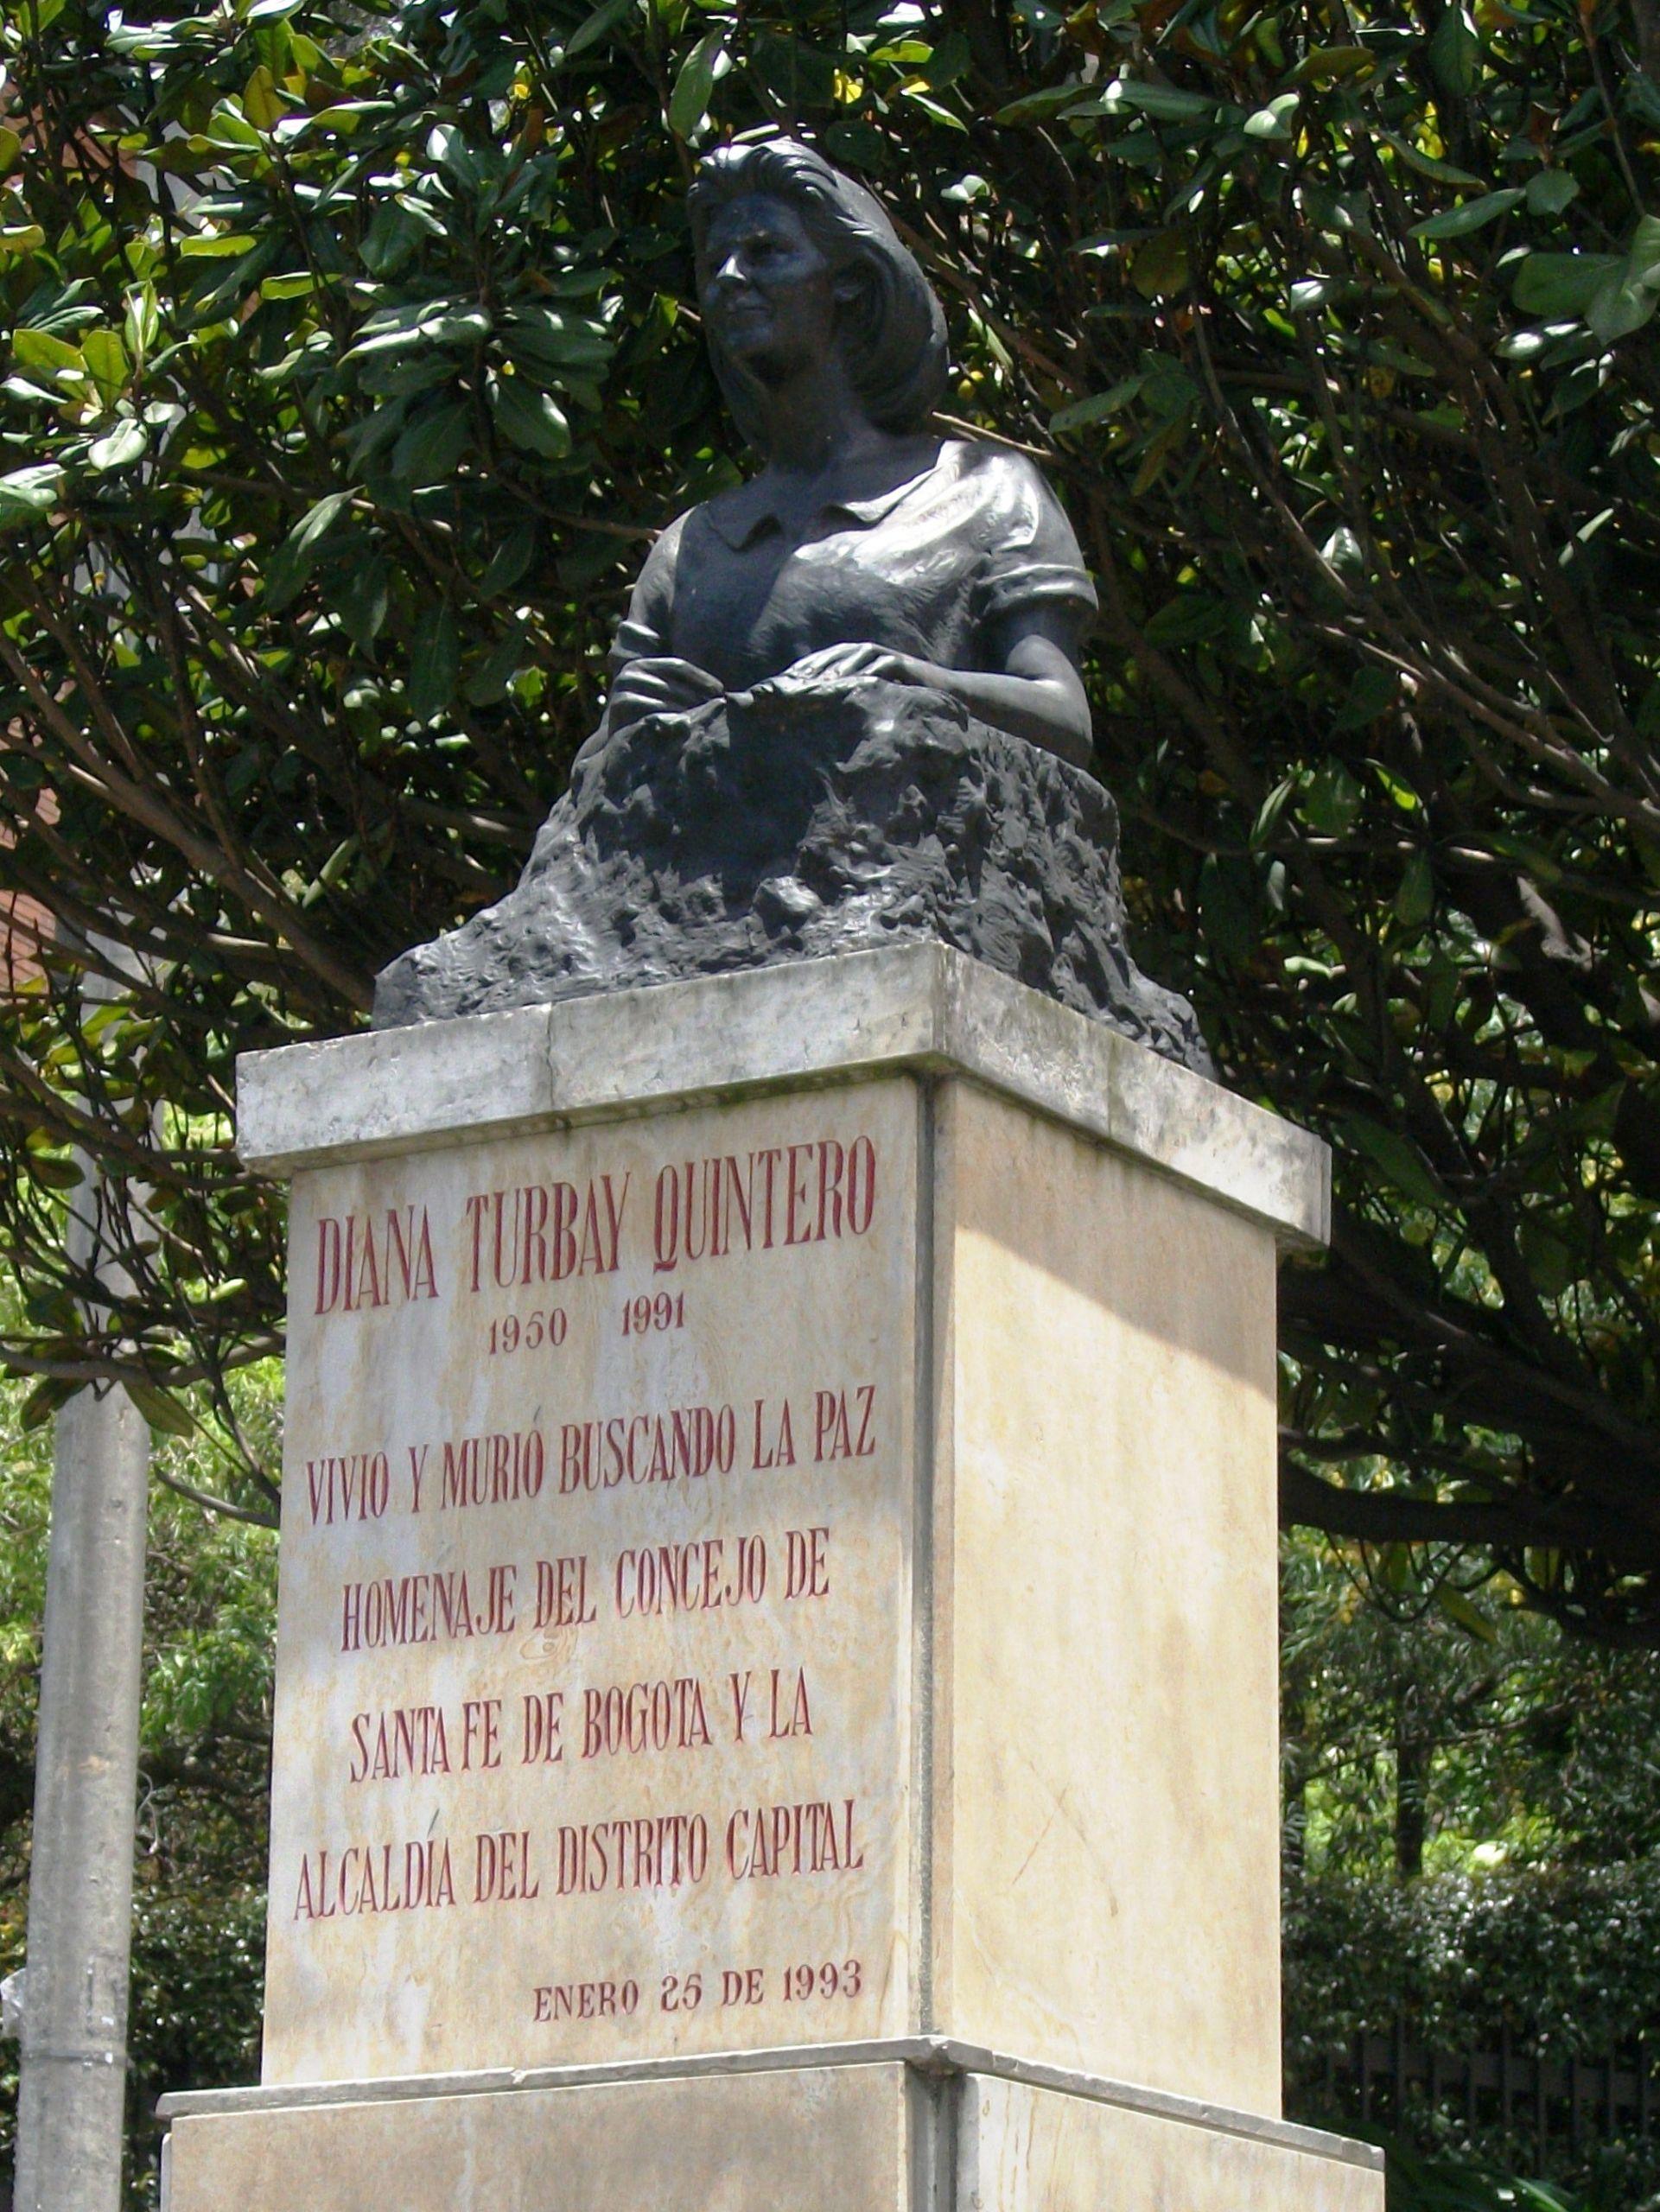 Busto de Diana Turbay